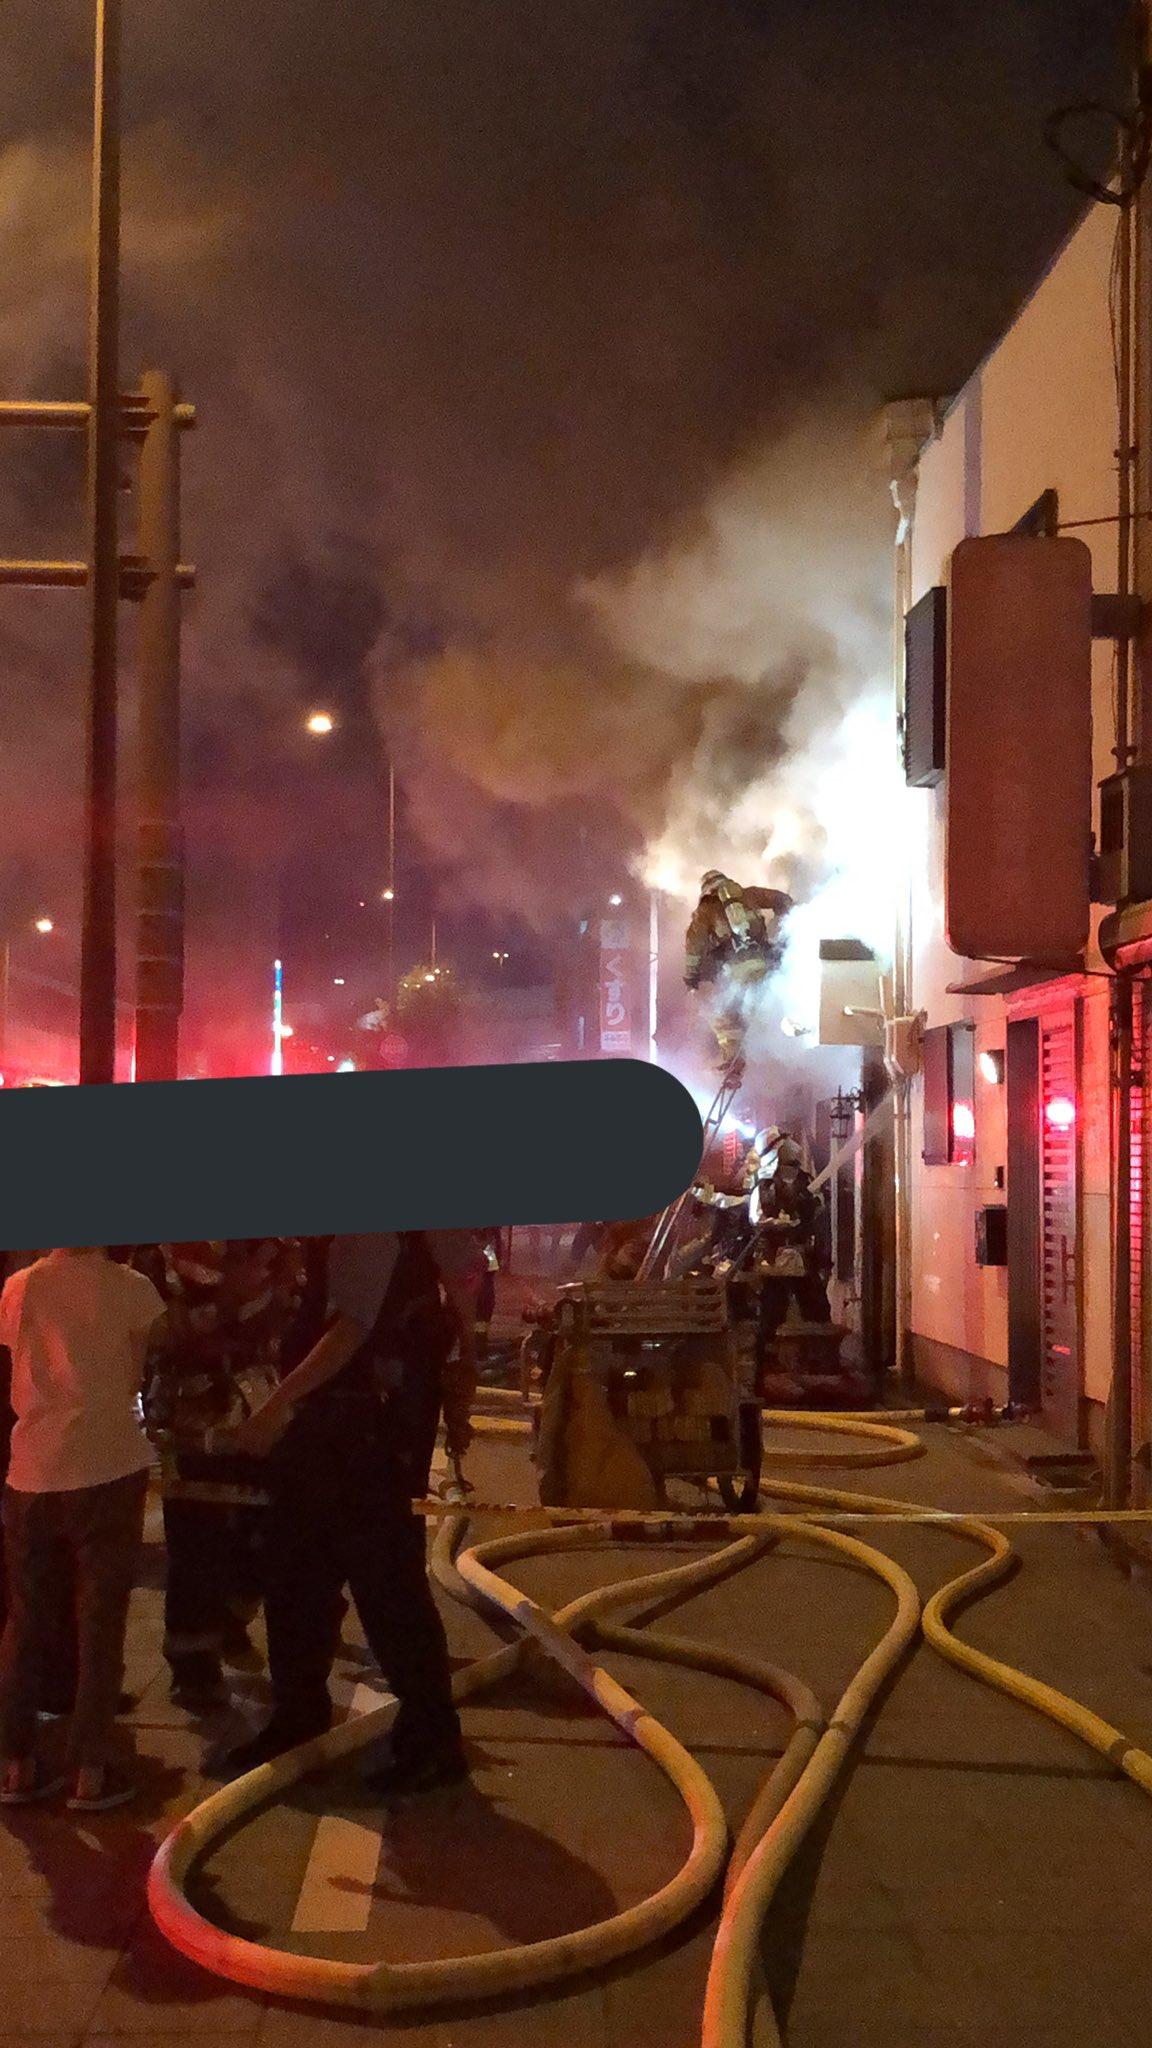 画像,消防車10台以上きててめっちゃびっくりした https://t.co/fwMVsSCmwk。